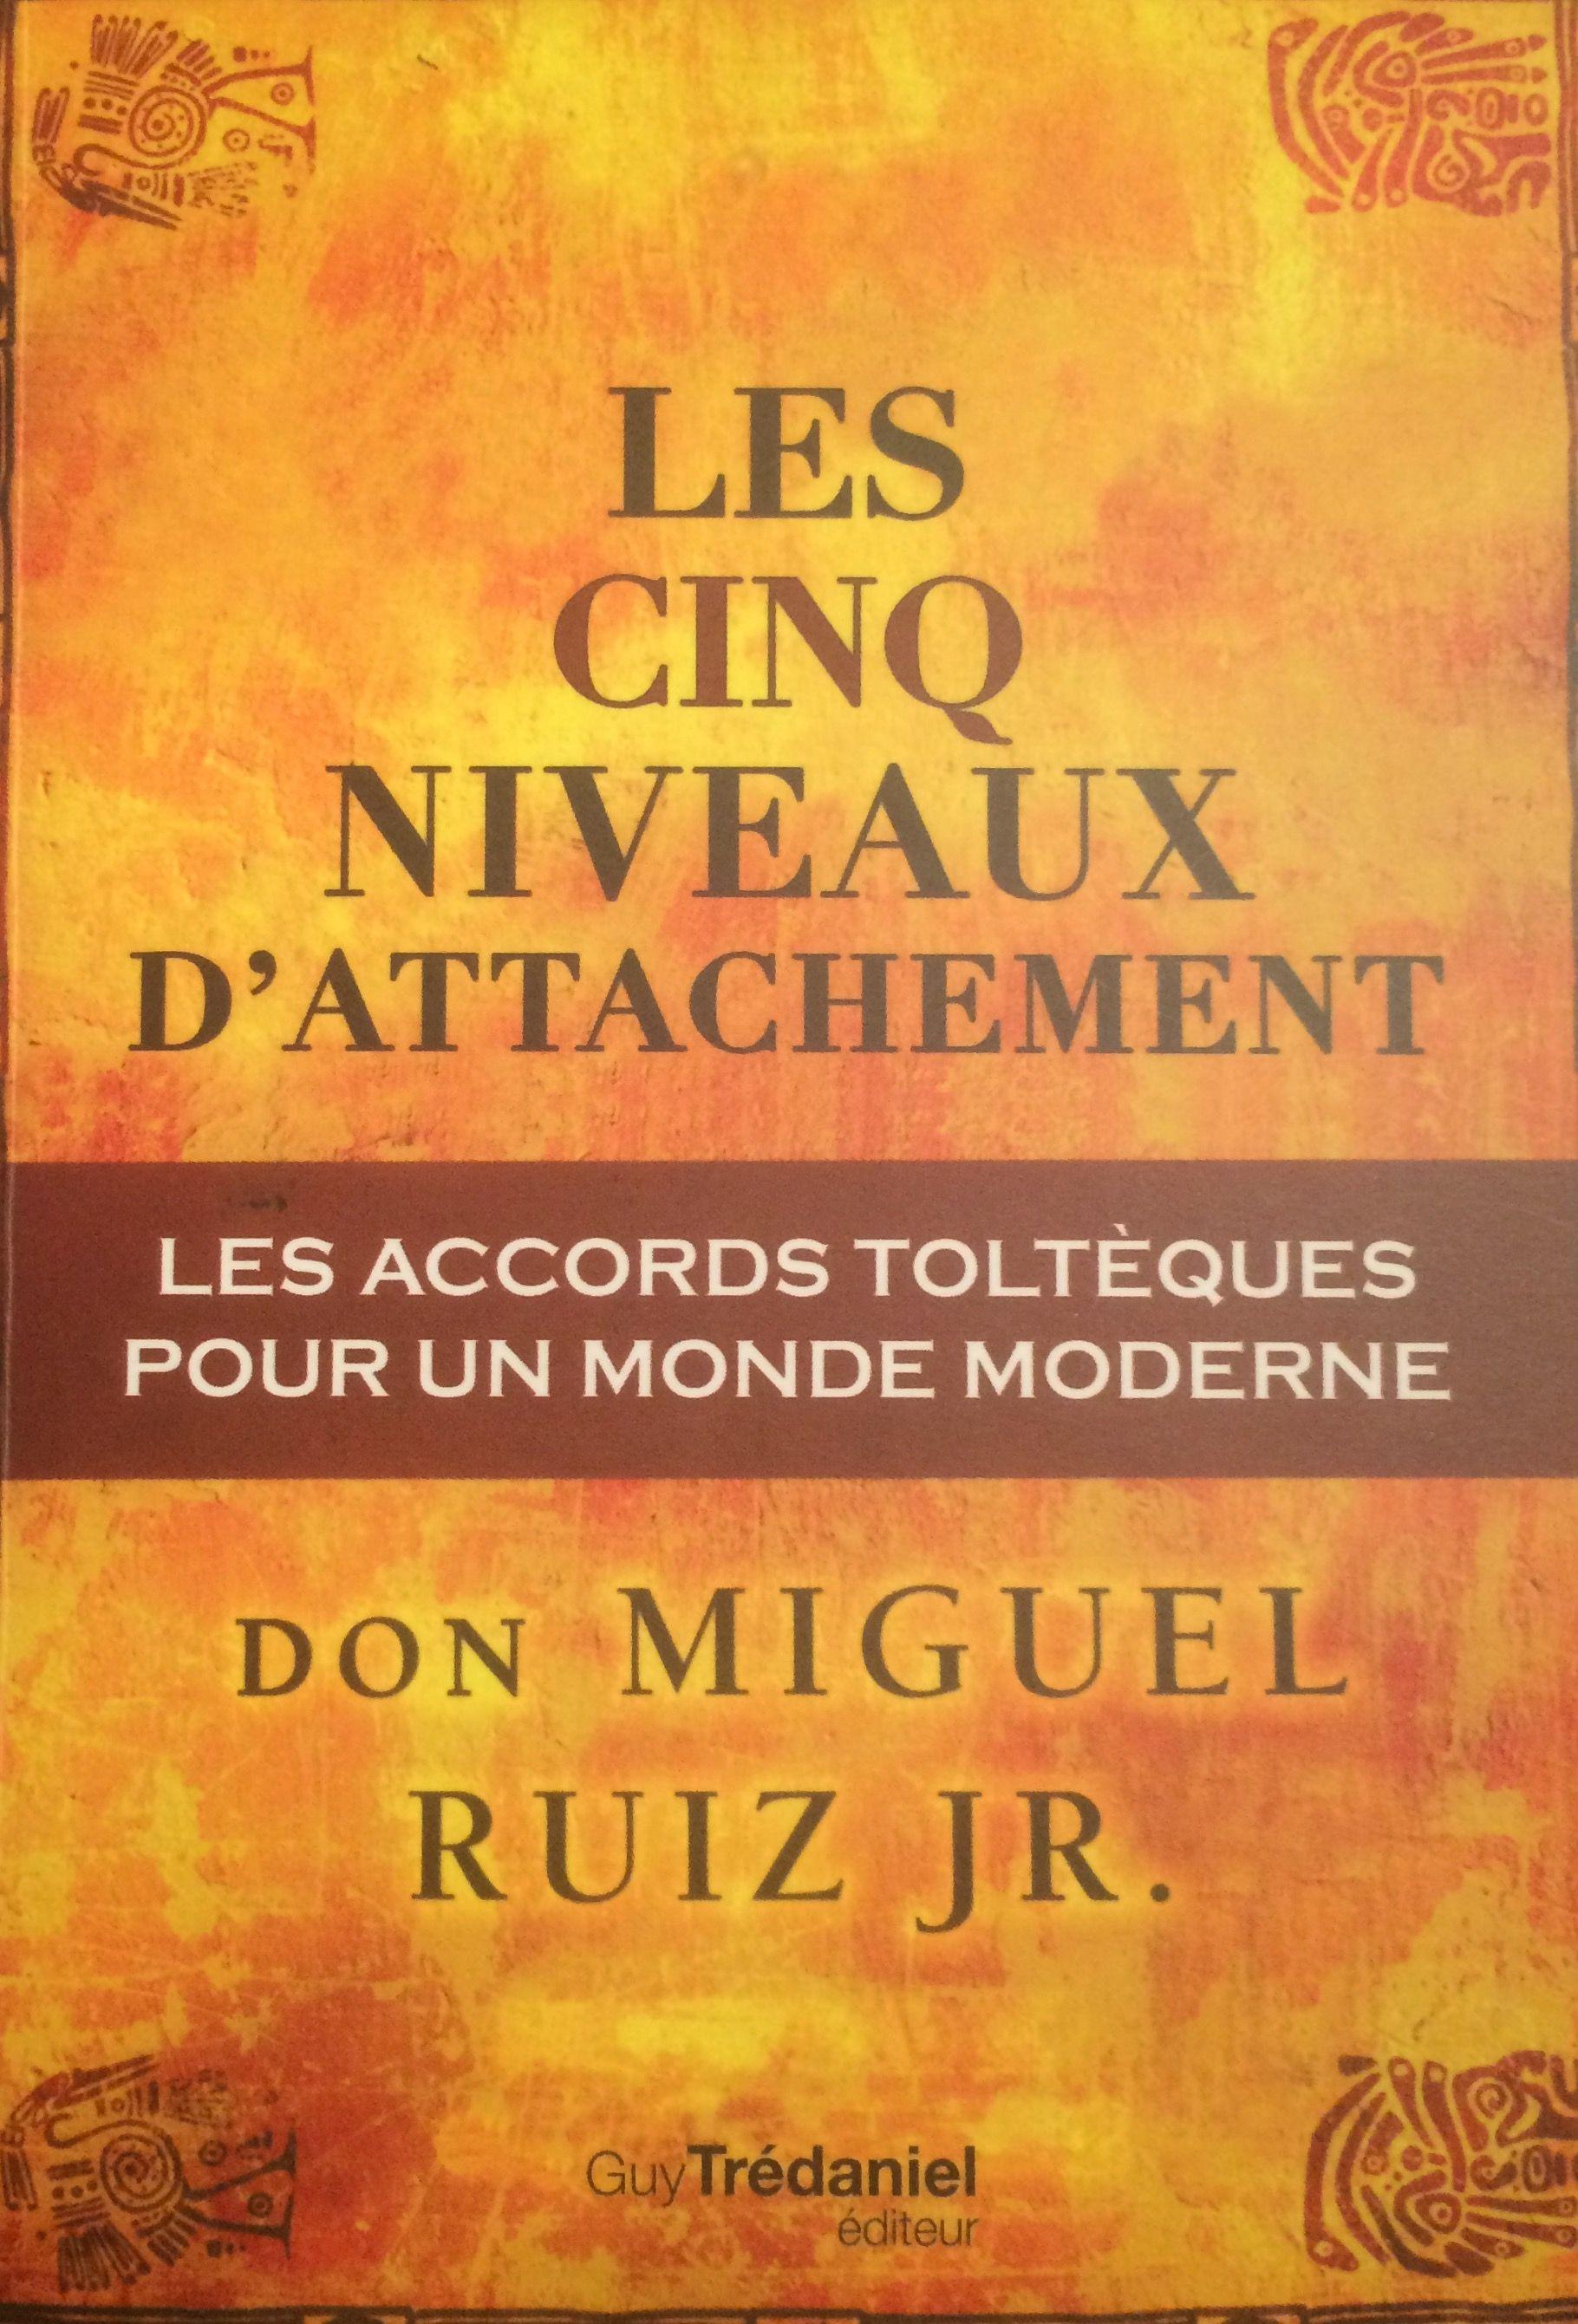 Epingle Par Anais Pini Ernoult Sur Livres Livres A Lire Lecture Relations Amoureuses